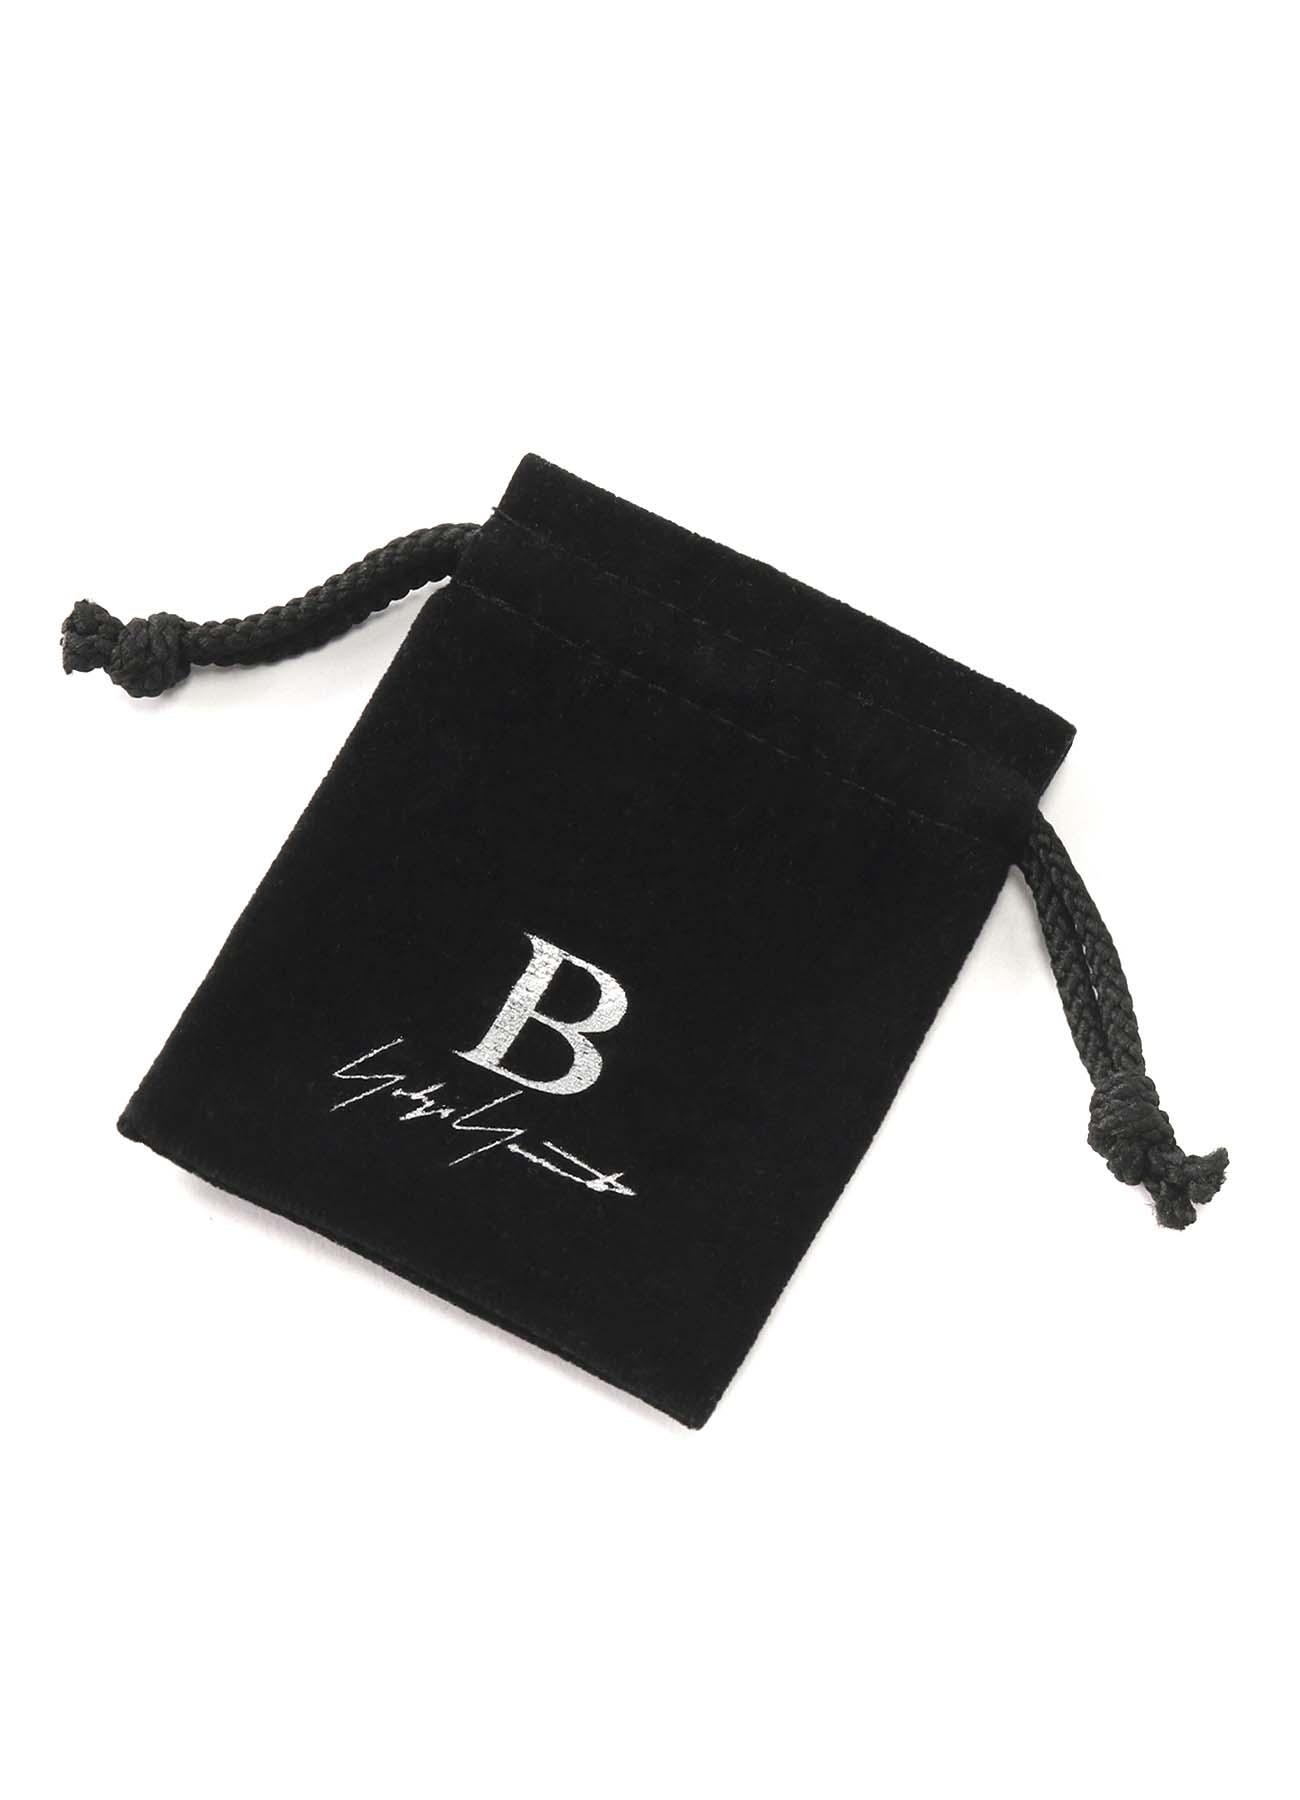 B Yohji Yamamoto Guitar Pin badge